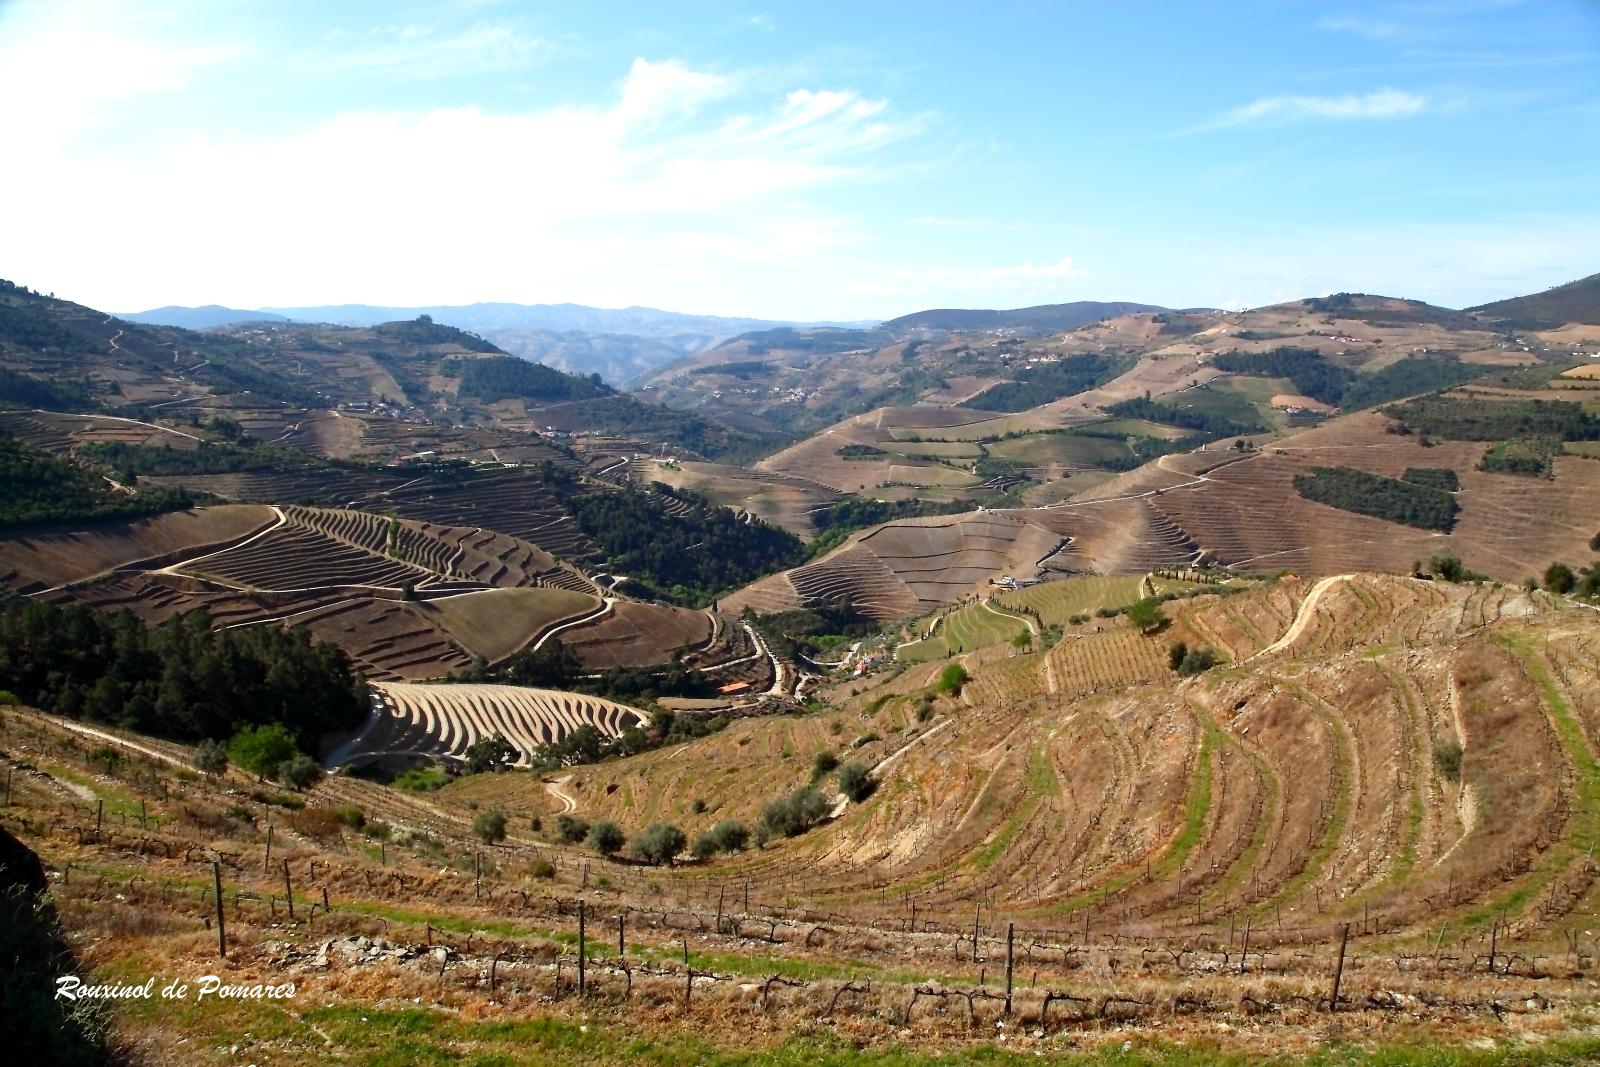 Vale do Douro - Pinhão